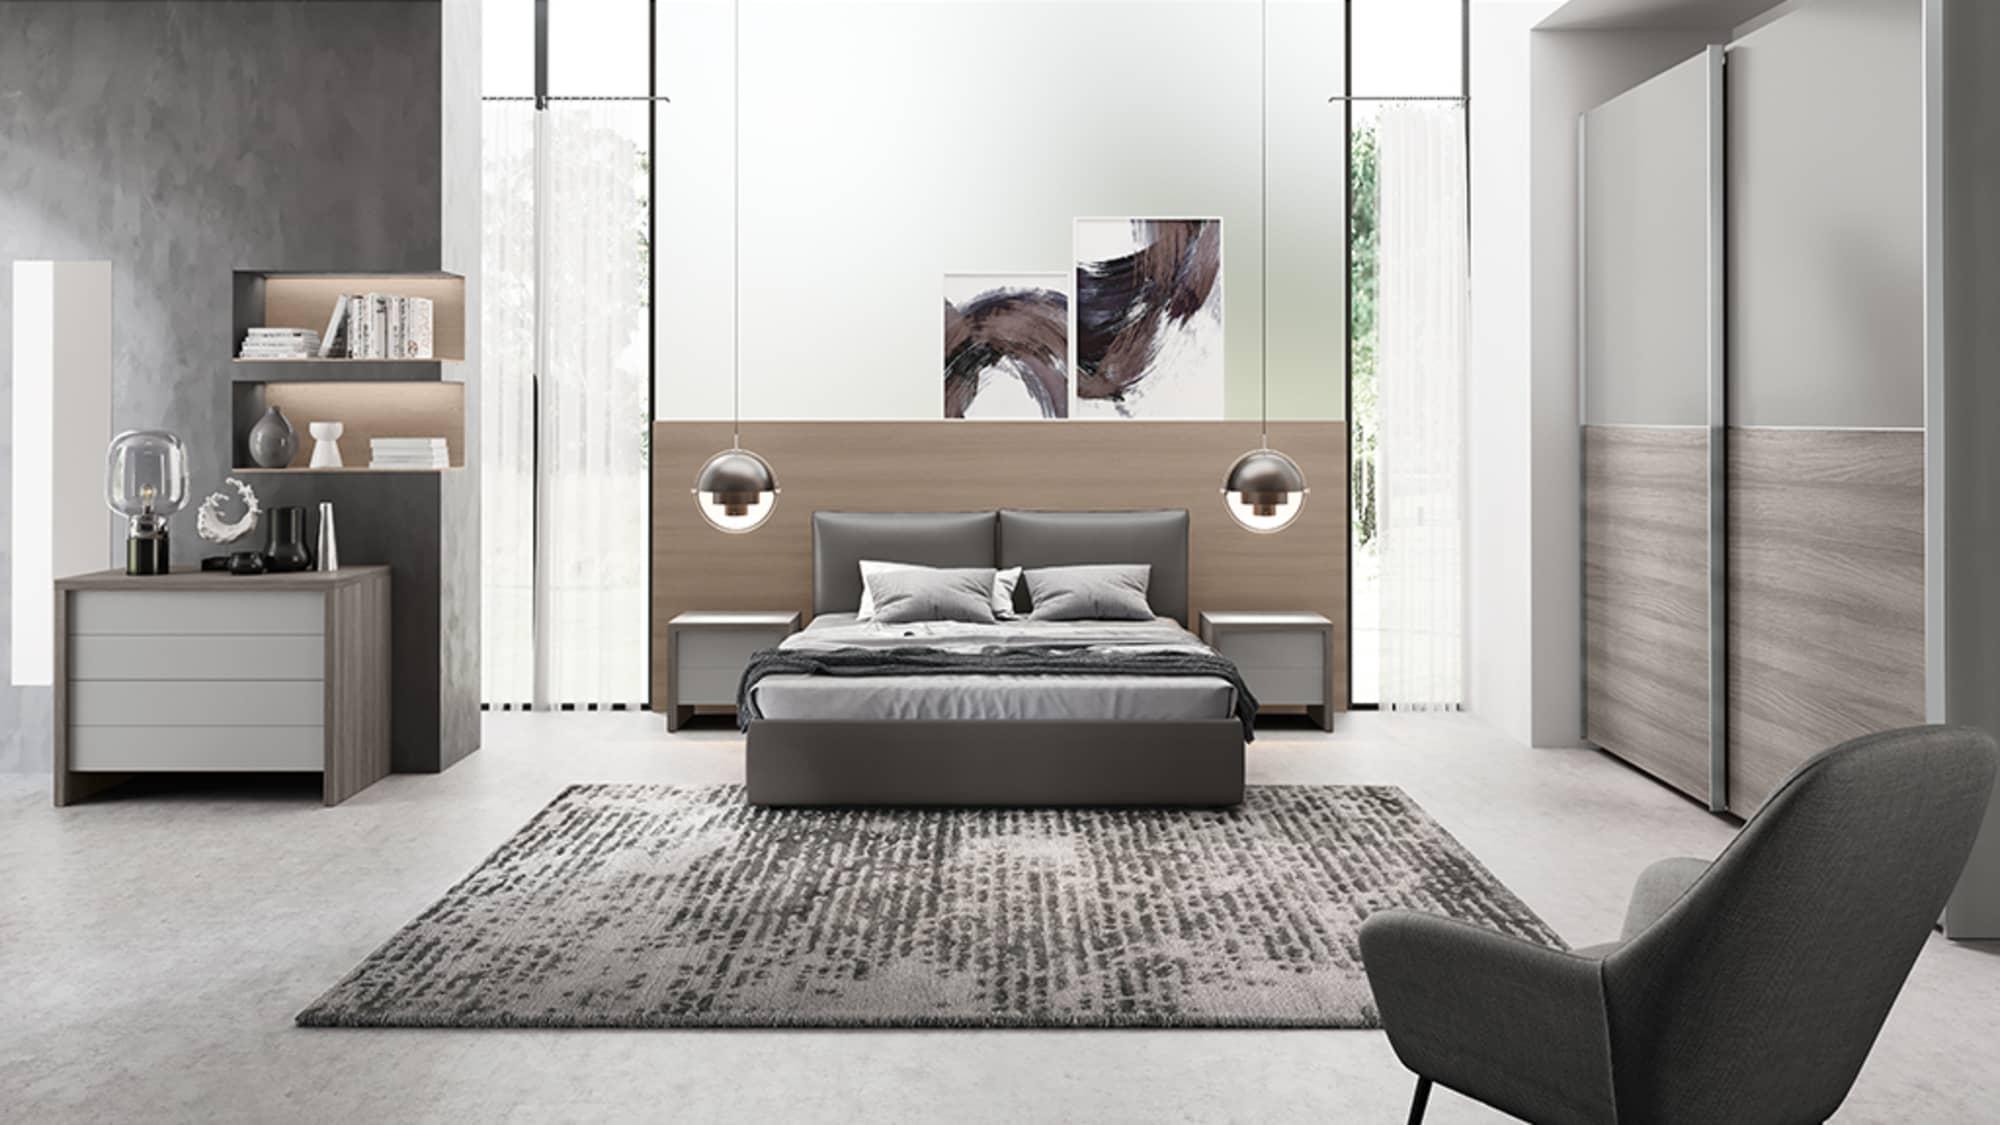 Camera completa di letto imbottito, comò e armadio scorrevole